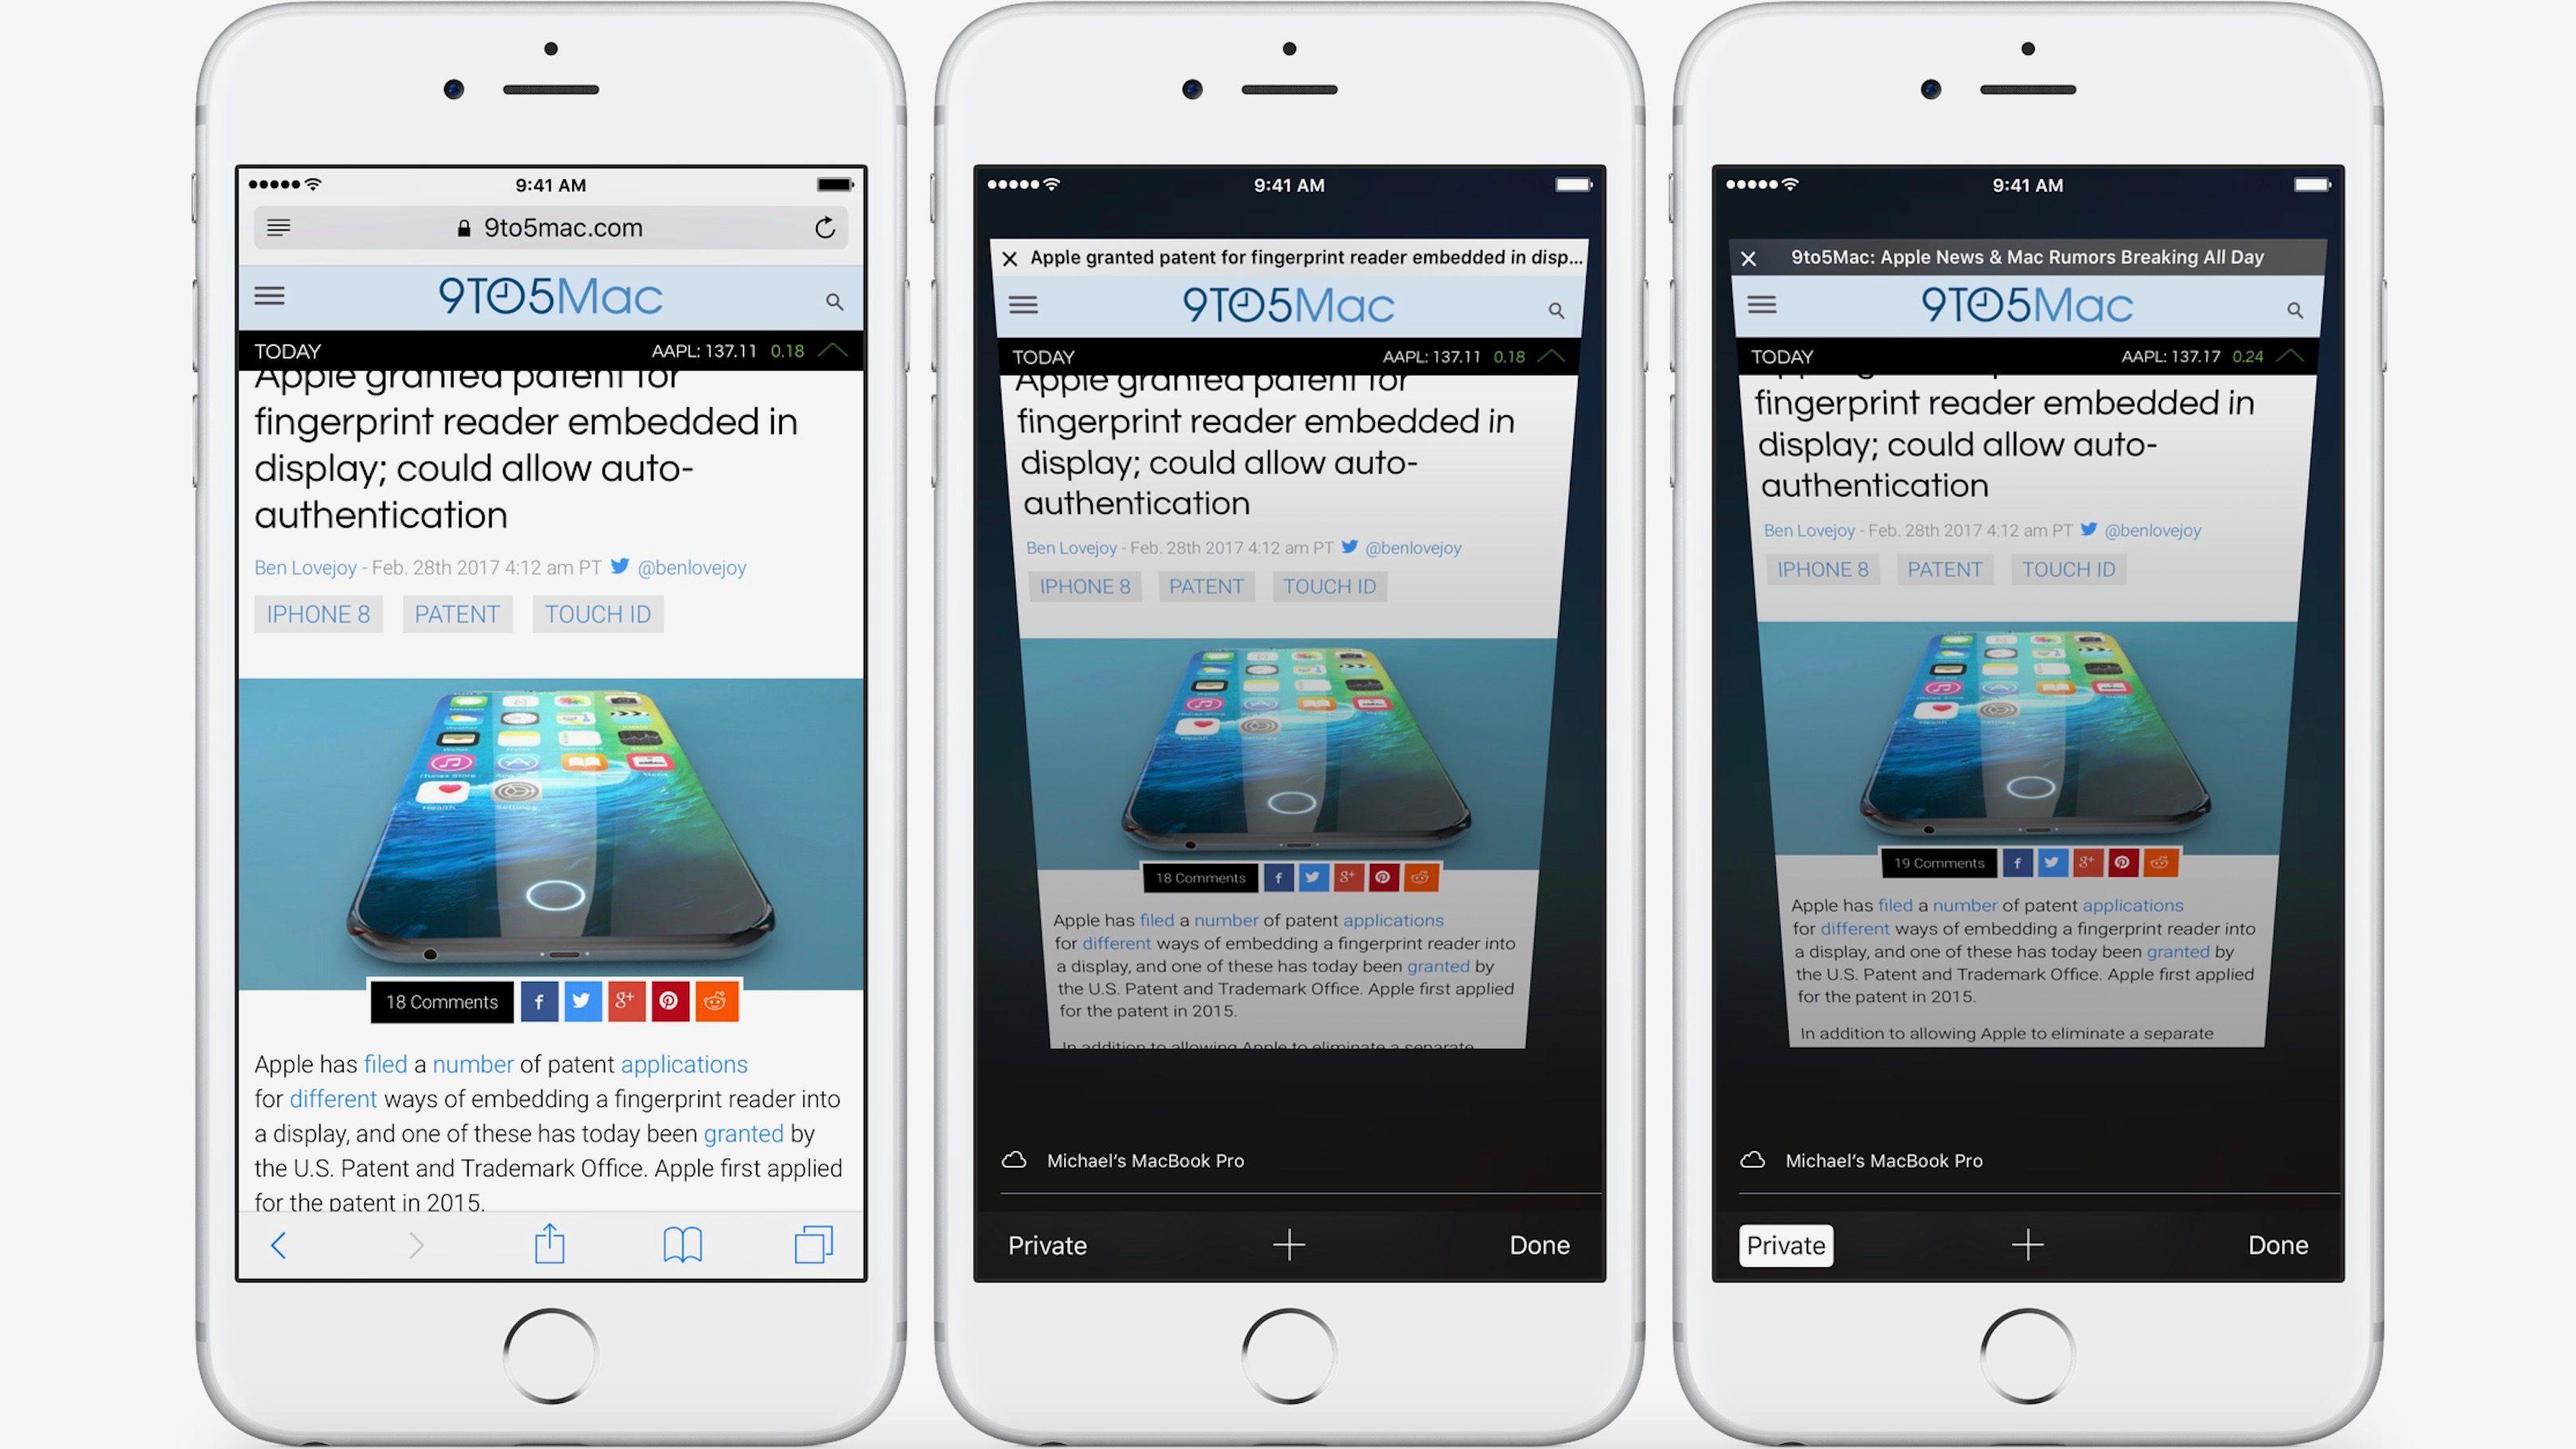 """<span href=""""https://9to5mac.com/2017/02/28/how-to-use-private-browsing-iphone-ipad/"""">Cómo utilizar la Navegación Privada con Safari en el iPhone y el iPad</a>"""